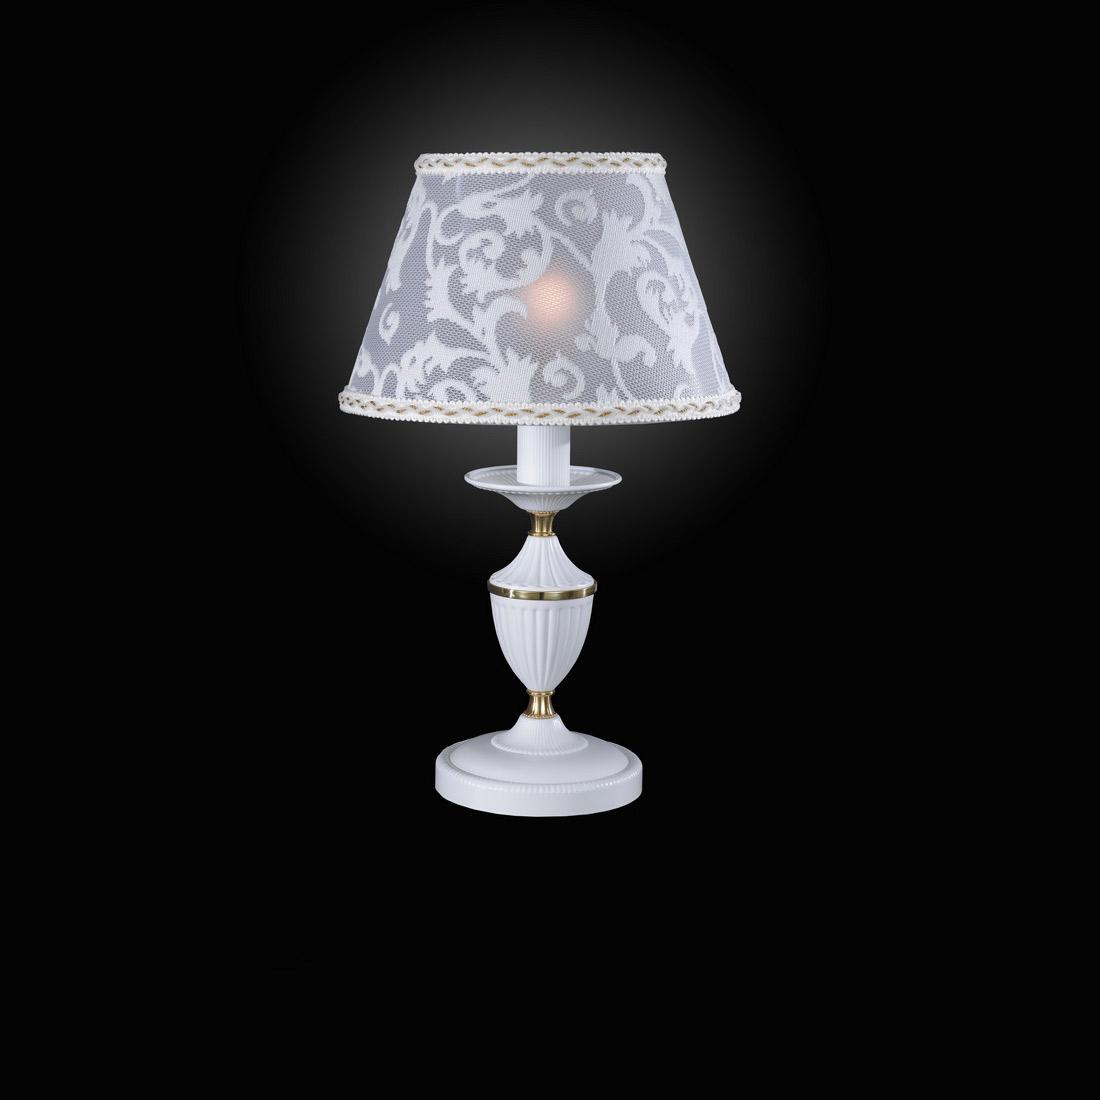 Настольная лампа Reccagni Angelo P 9630 P 9630 настольная лампа reccagni angelo p 1805